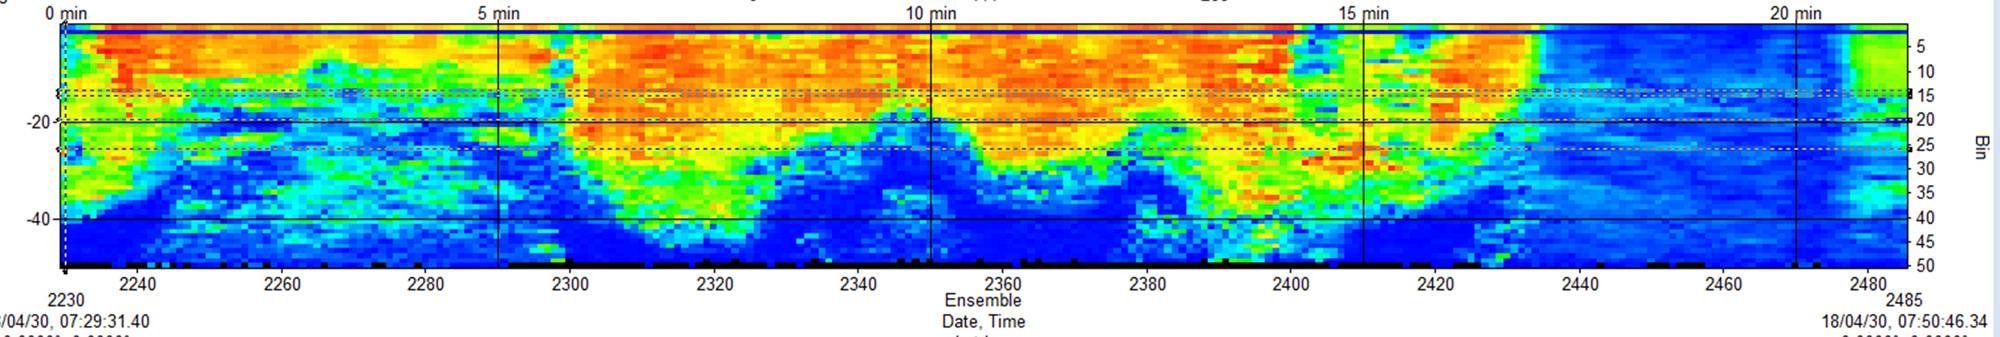 इस्ले ध्वनि एडीसीपी डेटा। मैरीनोल से छवि।